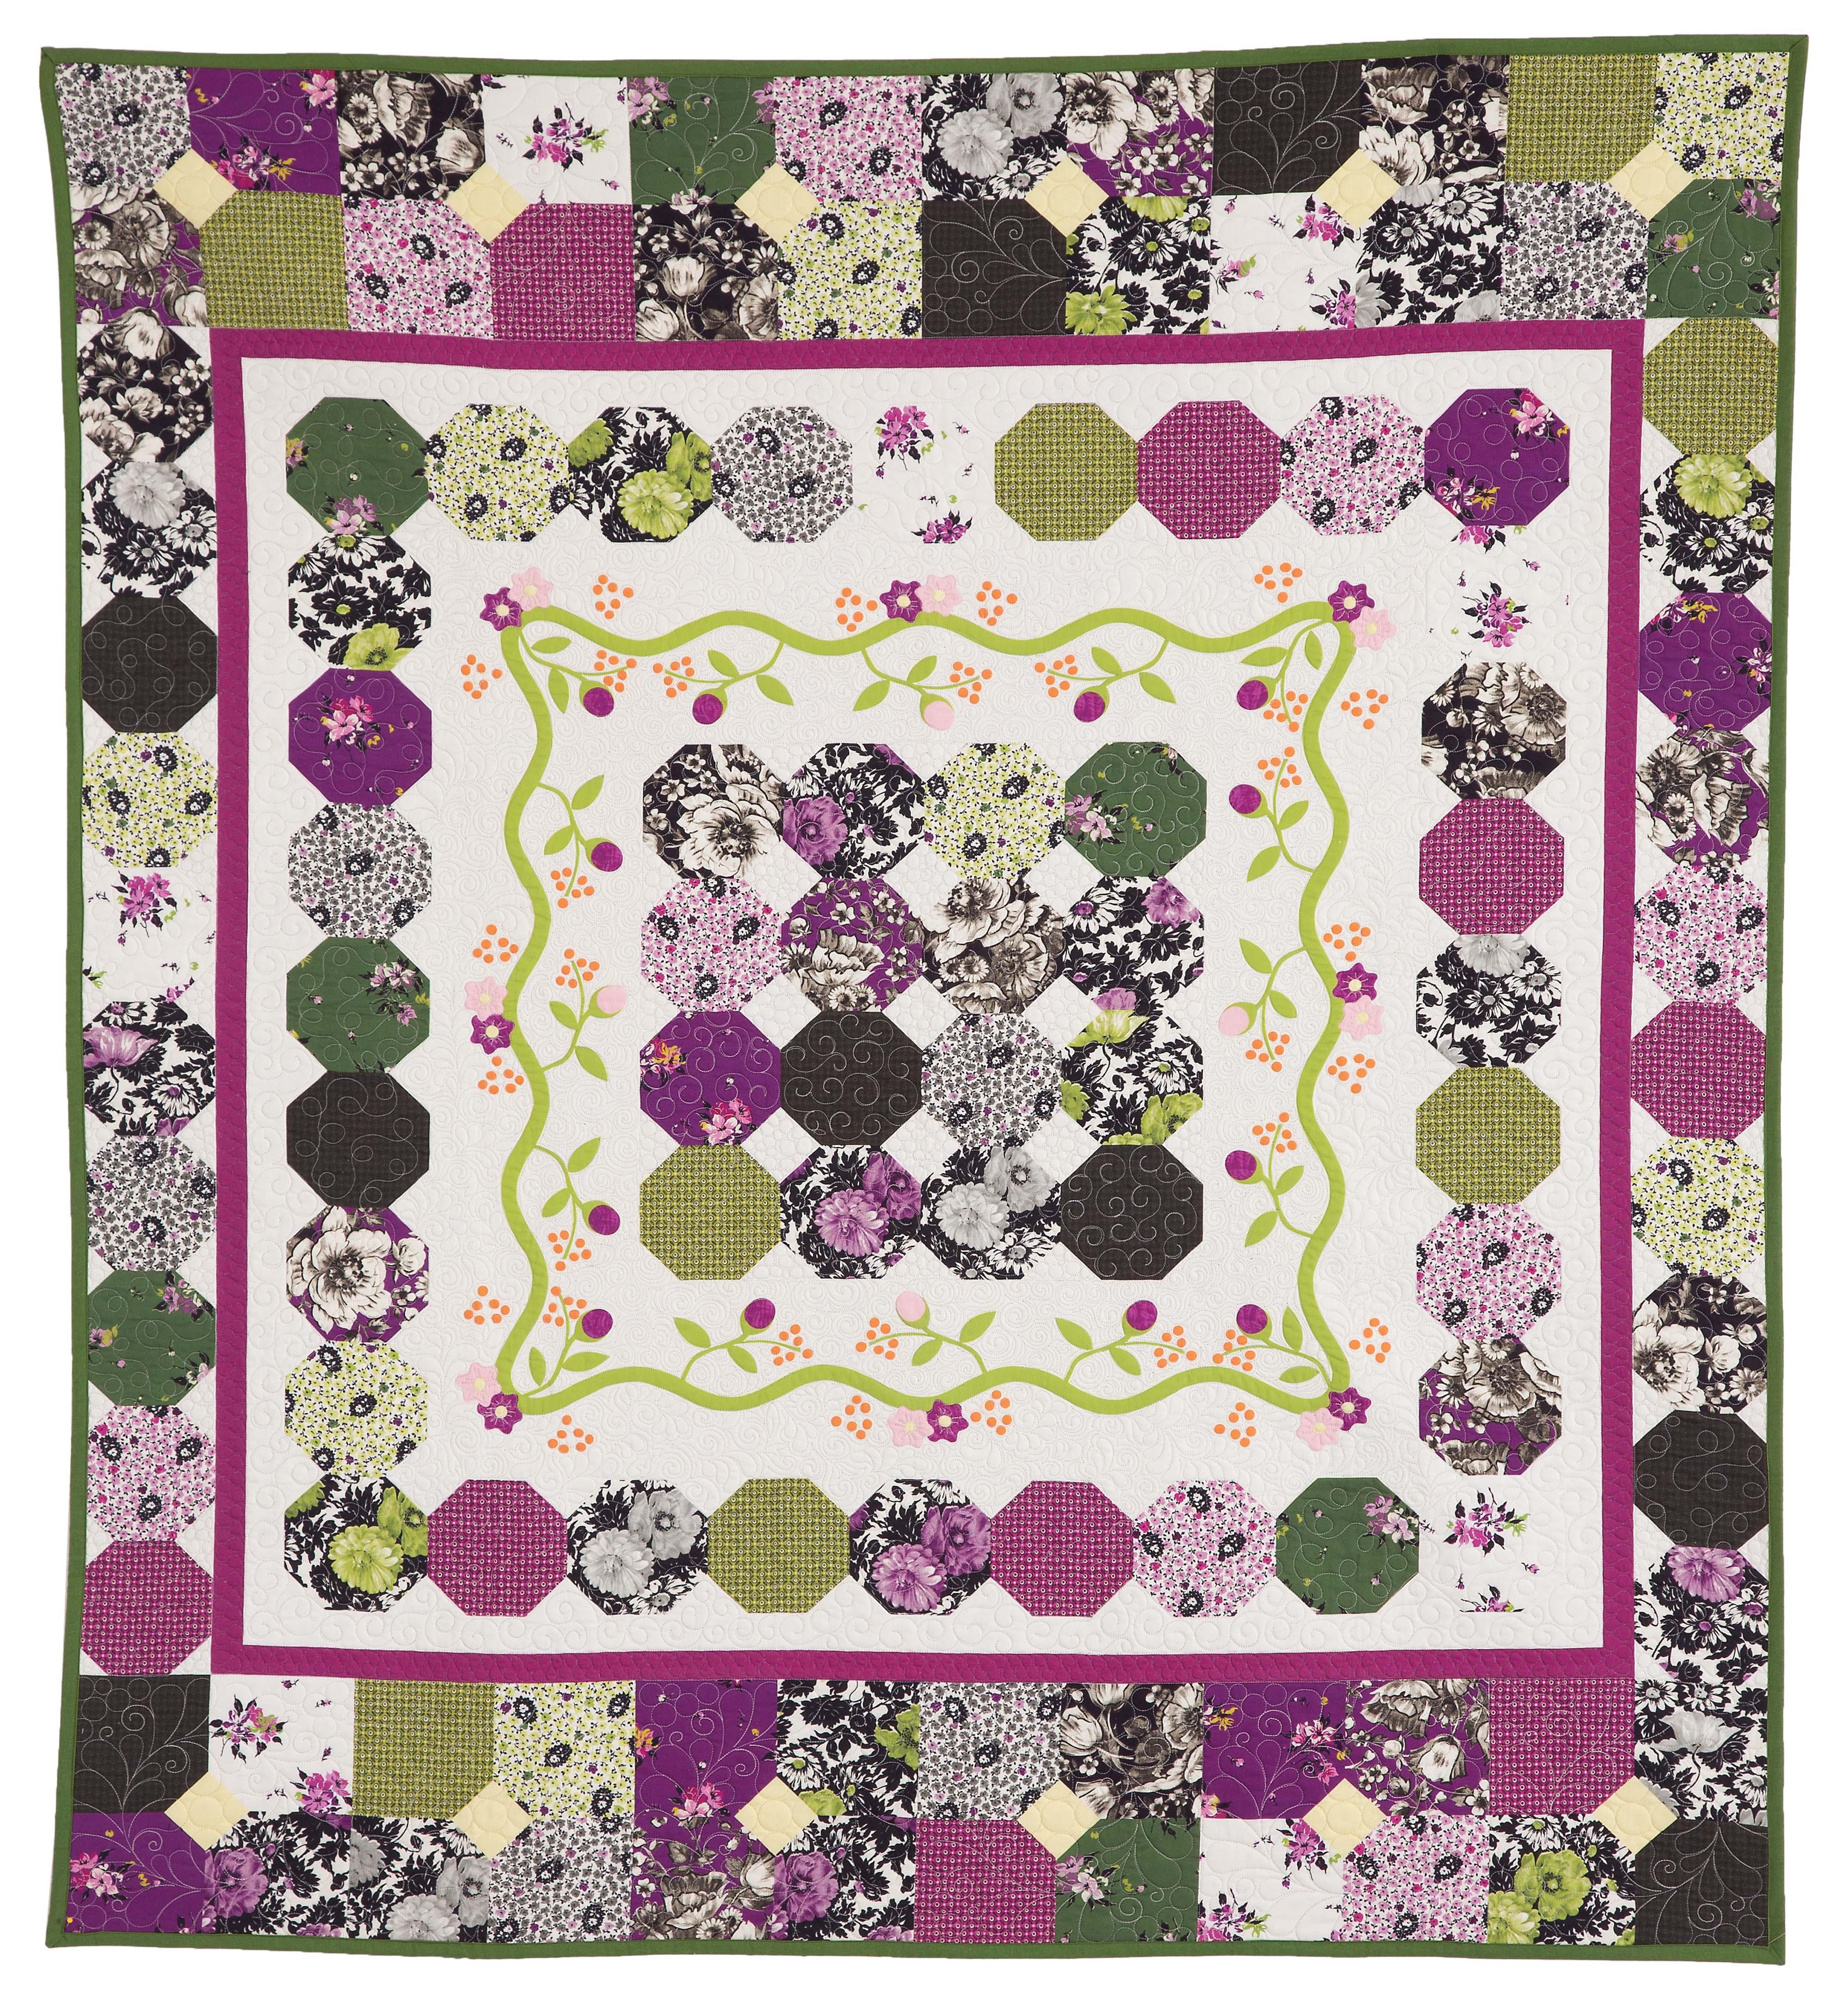 quilt-floral-mantle-flat